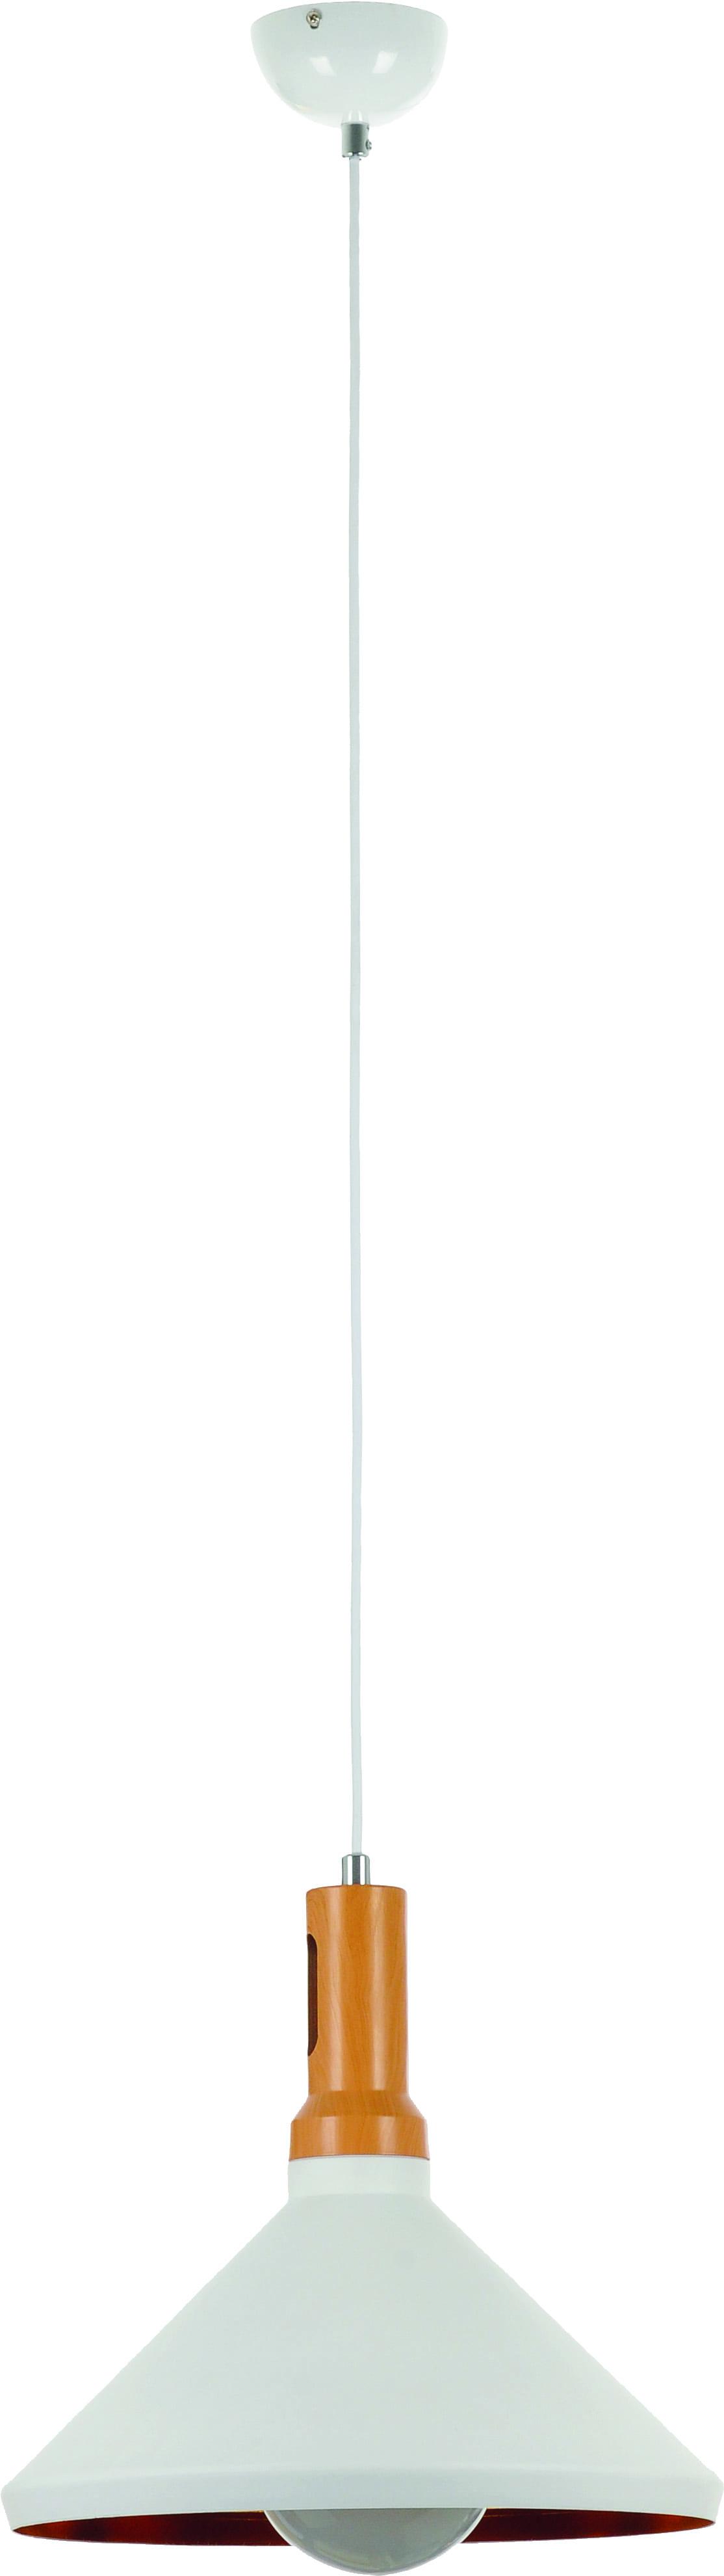 Lampa wisząca Selene biały klosz drewno 60W